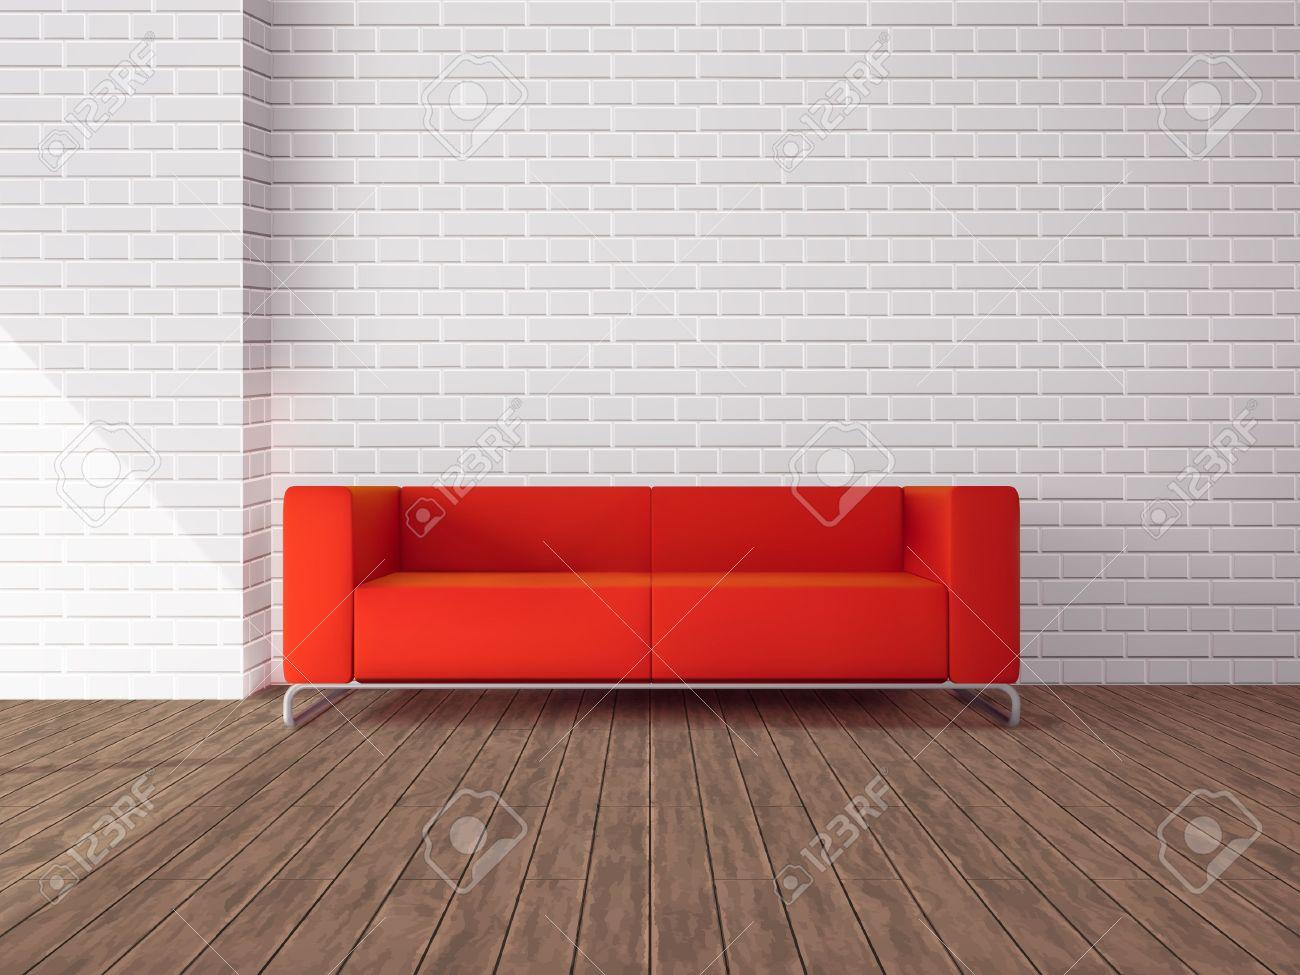 Canapé rouge réaliste dans la chambre avec plancher en bois et en ...